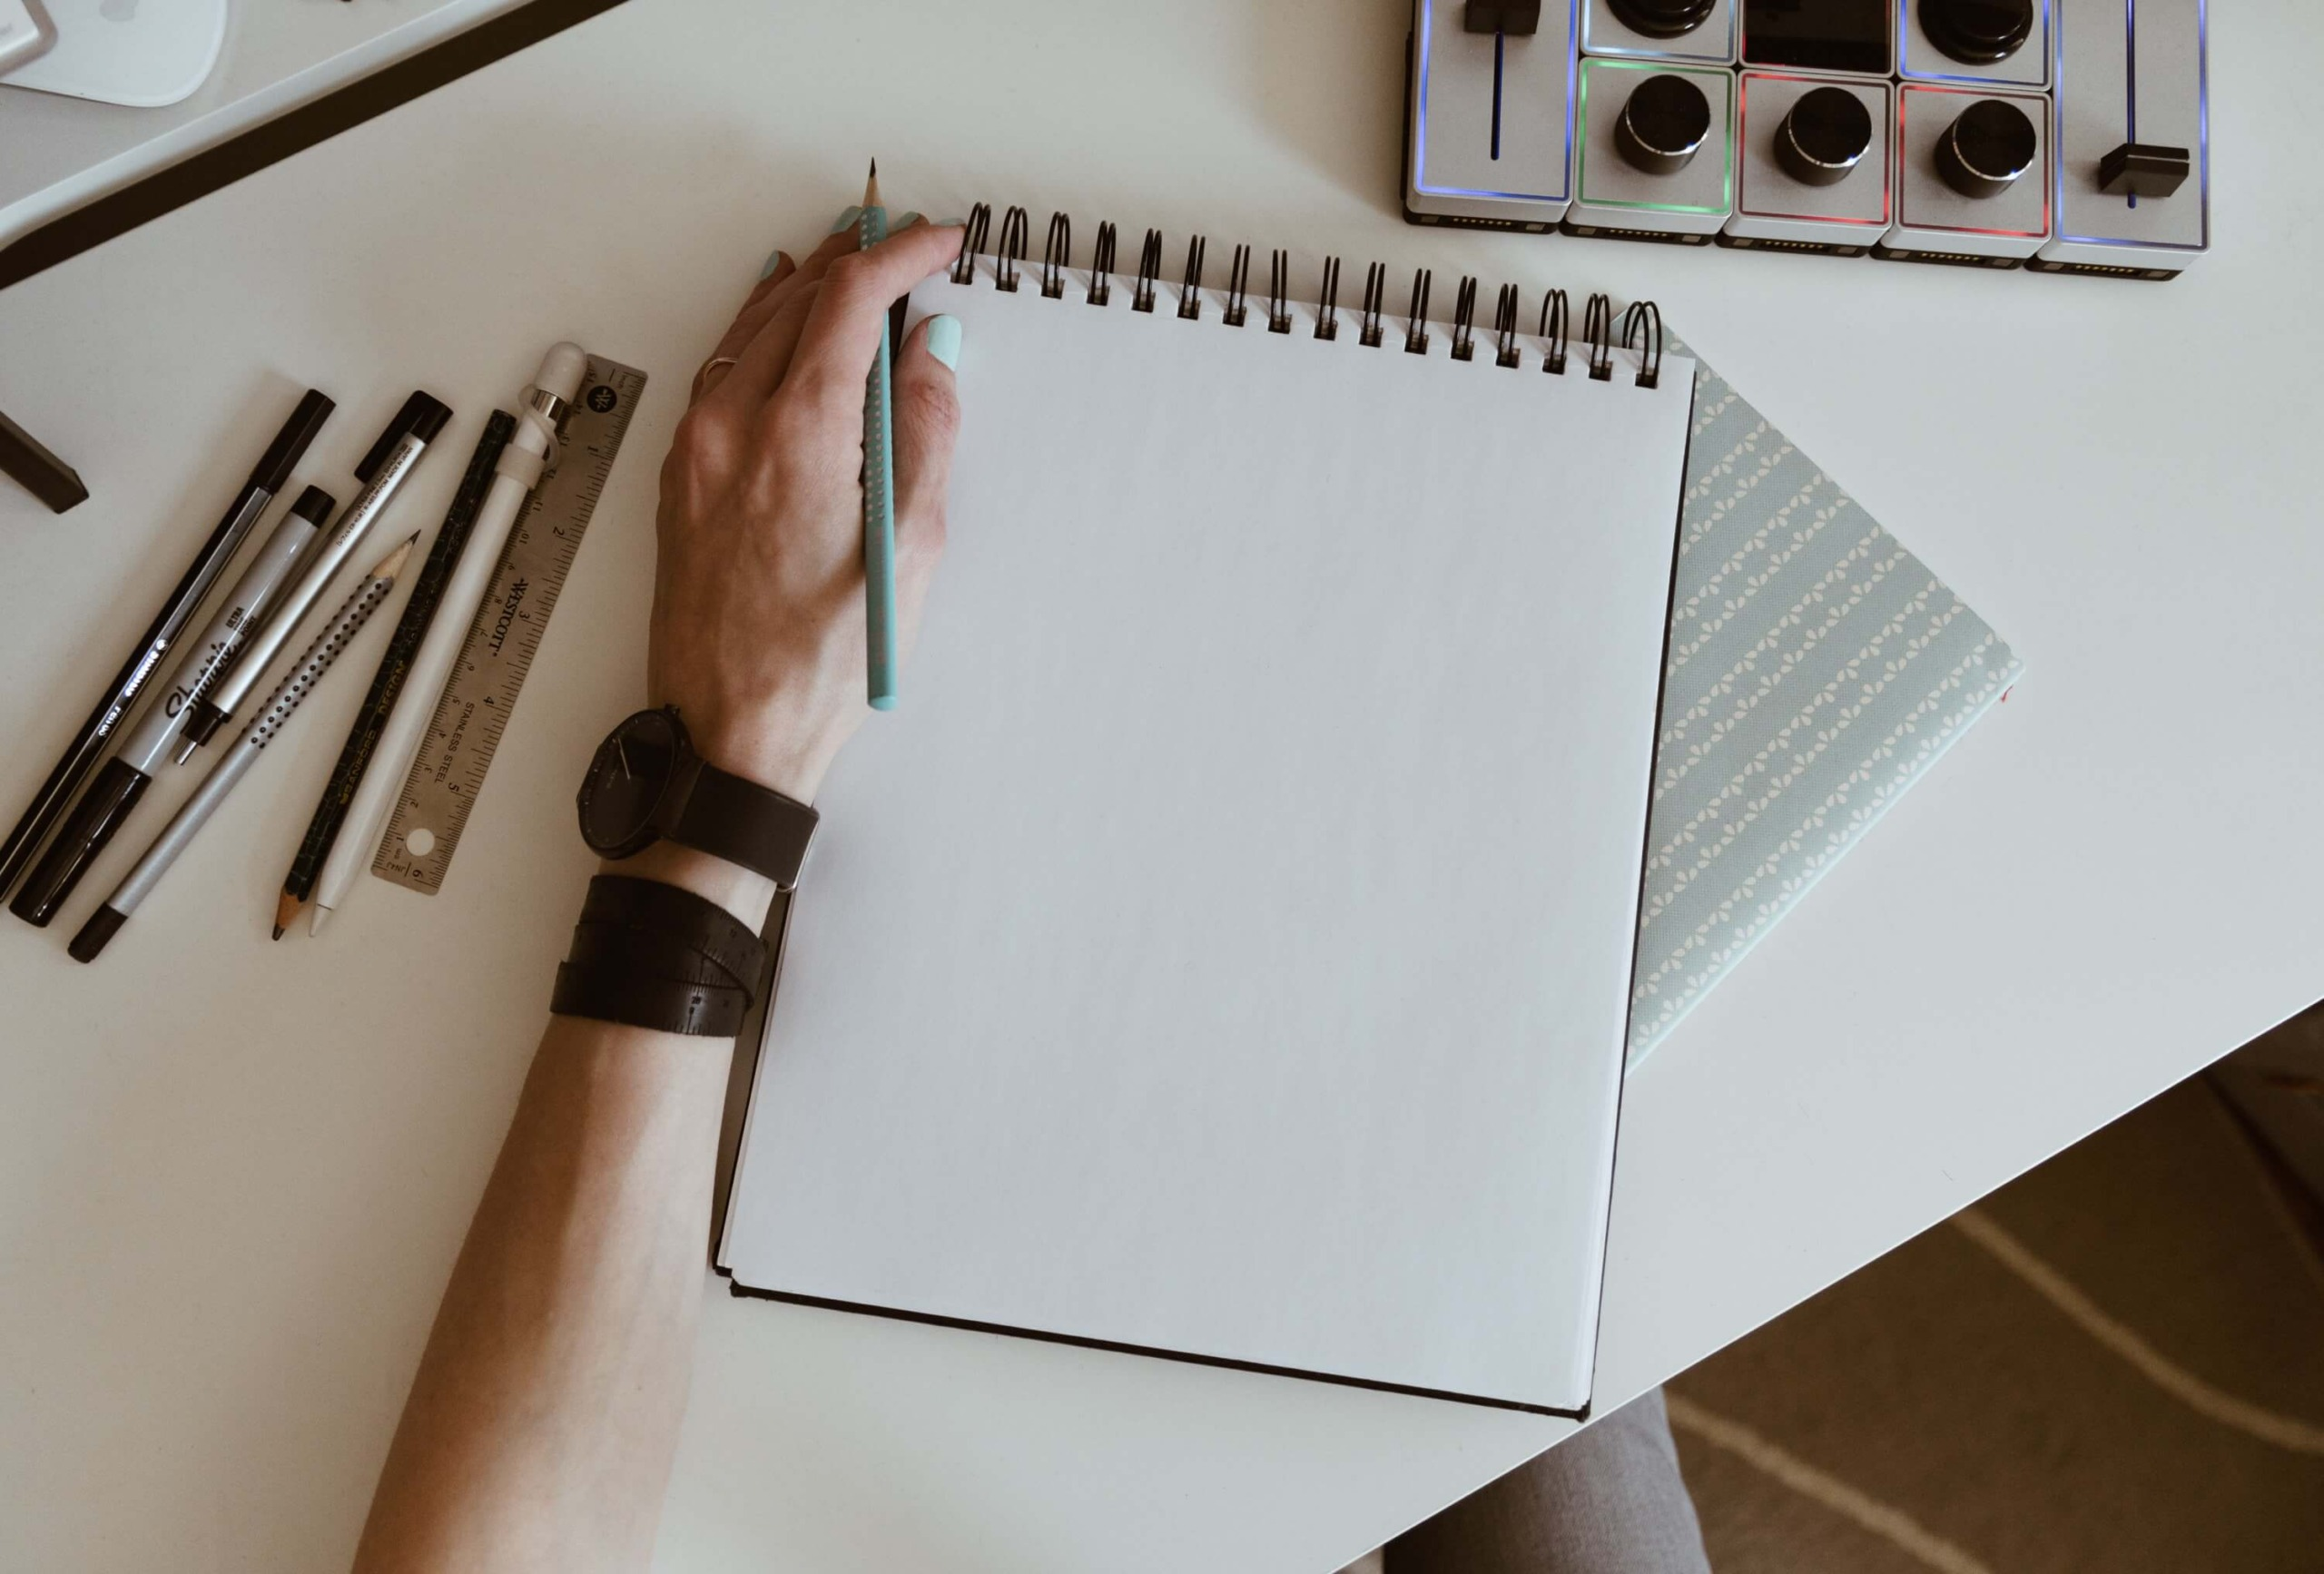 無料や安価でも個性的なブログアイコンは作れる